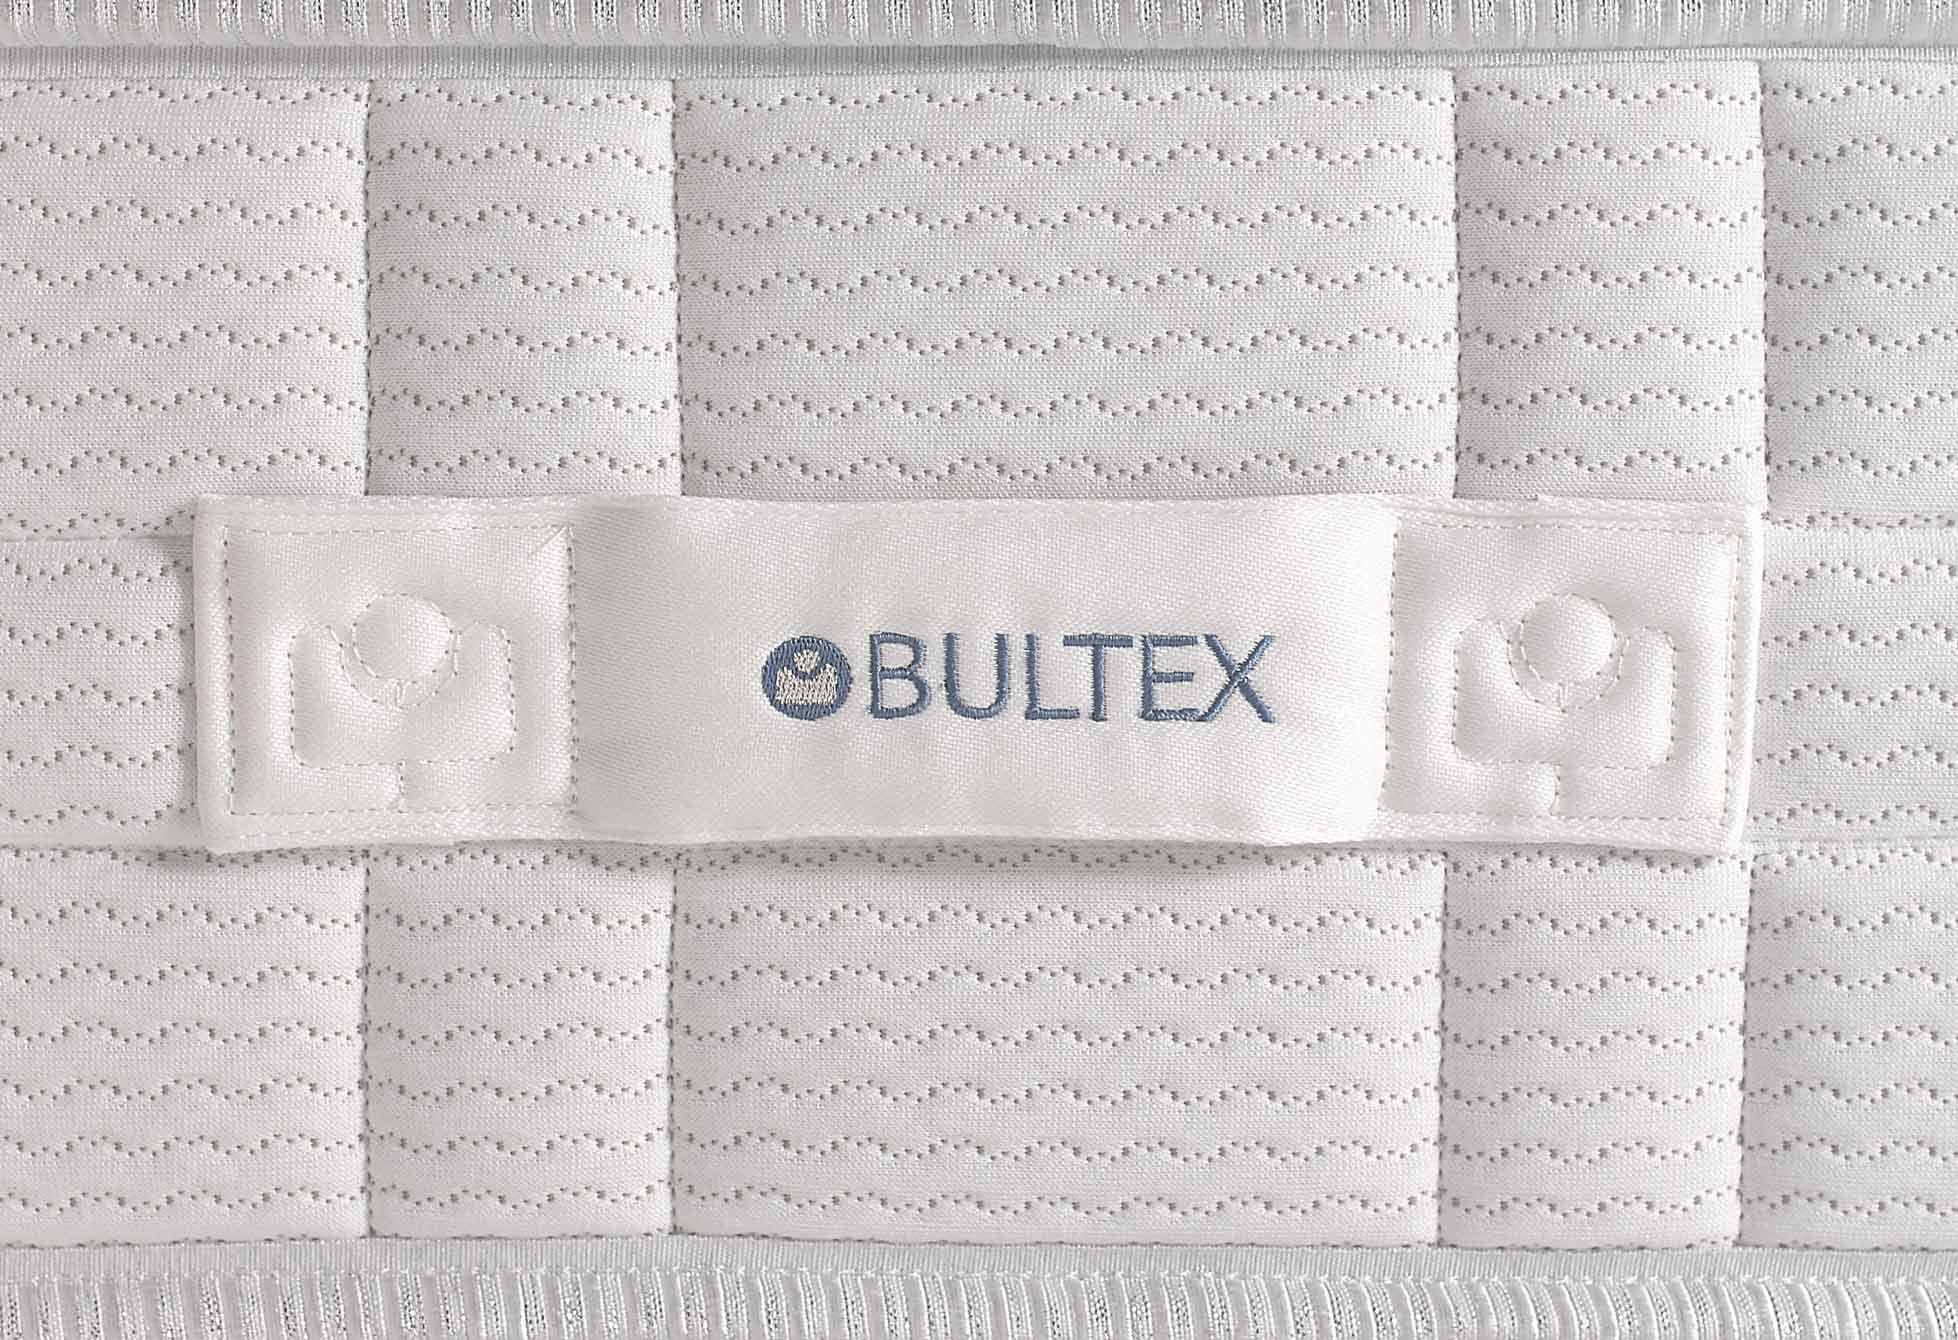 ... Matelas Mousse Bultex I NOVO 9200 160x200 (Queen size) ...